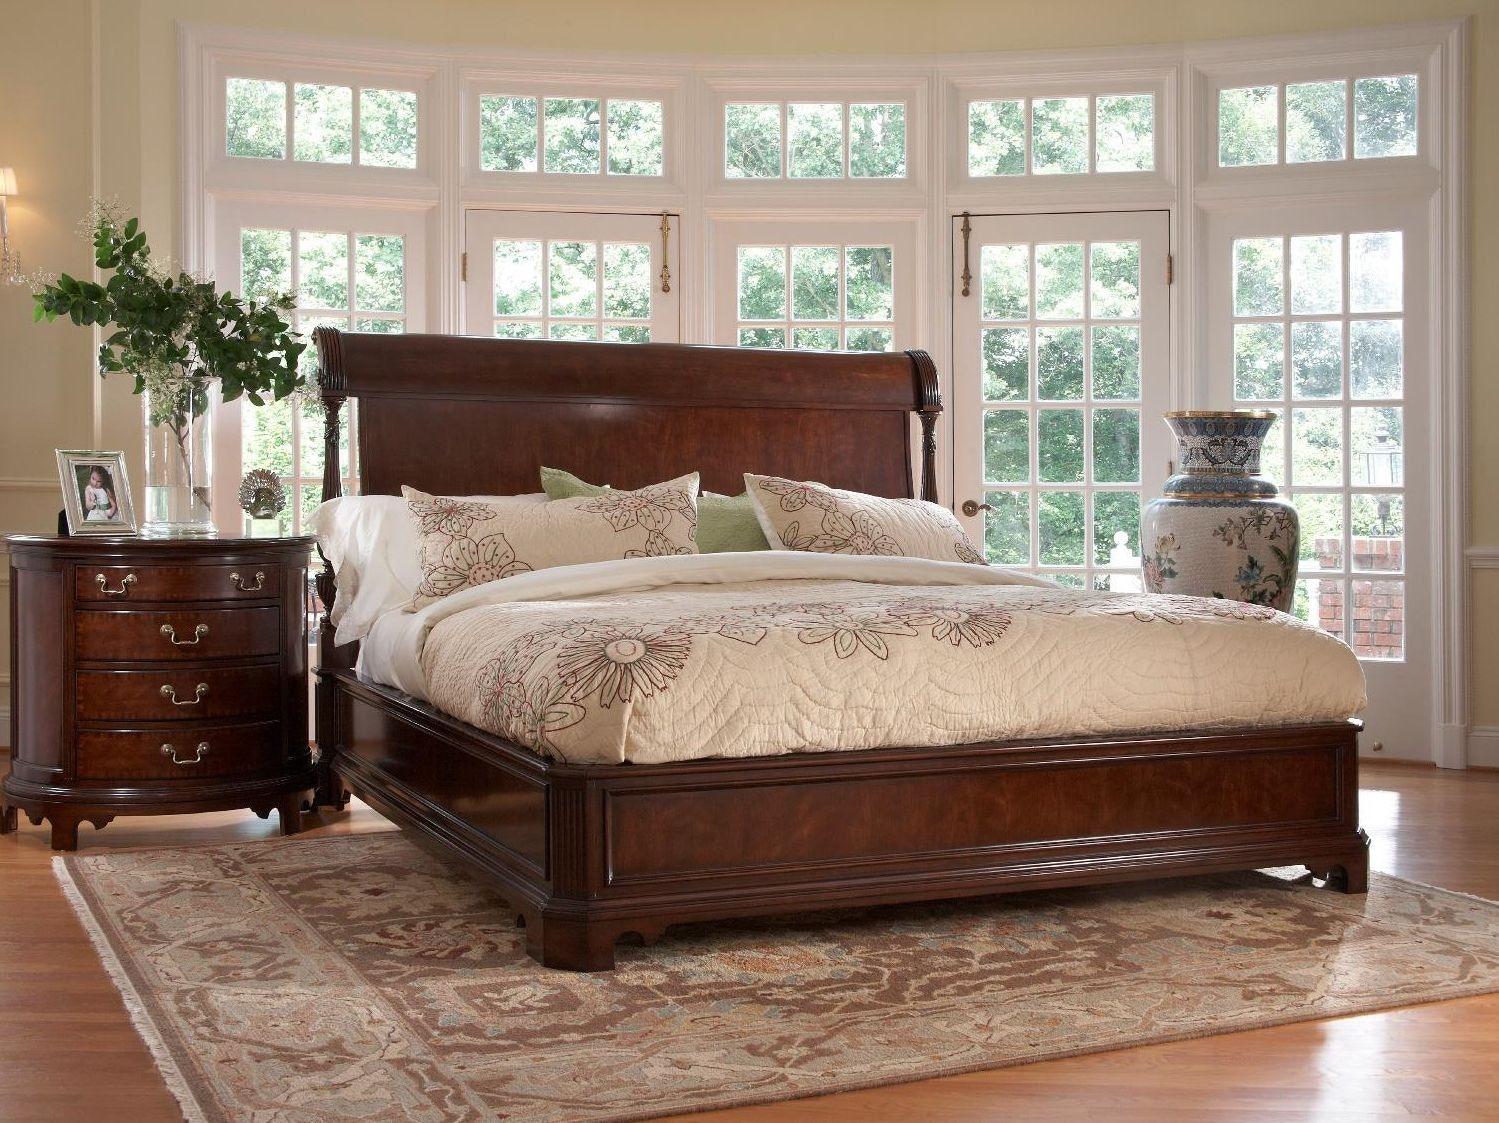 Fine Furniture Design Bedroom Charleston Platform Panel King Bed